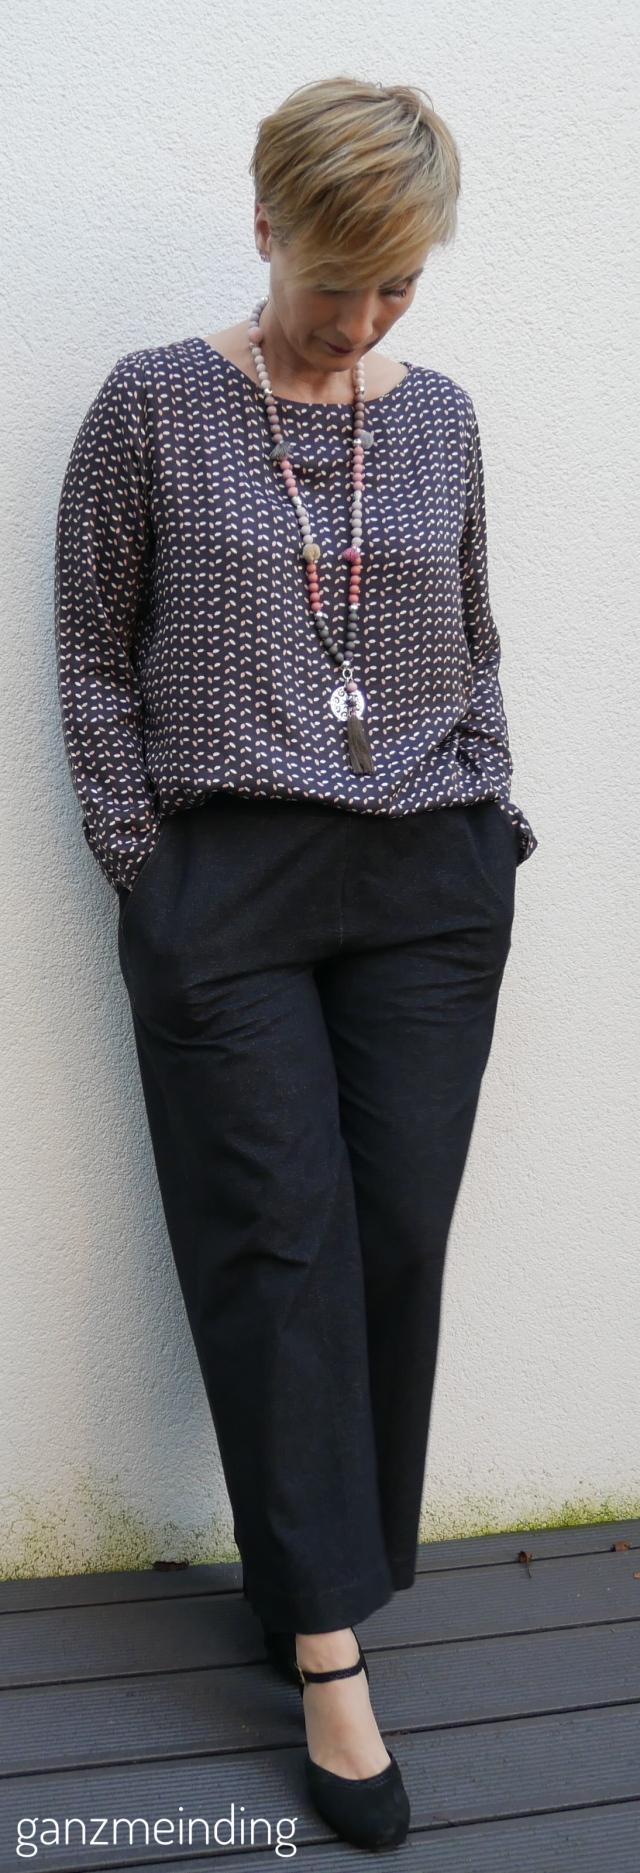 Weite Hose und Frau Yoko, die Komplizin, fritzi schnittreif, genäht von ganzmeinding 04